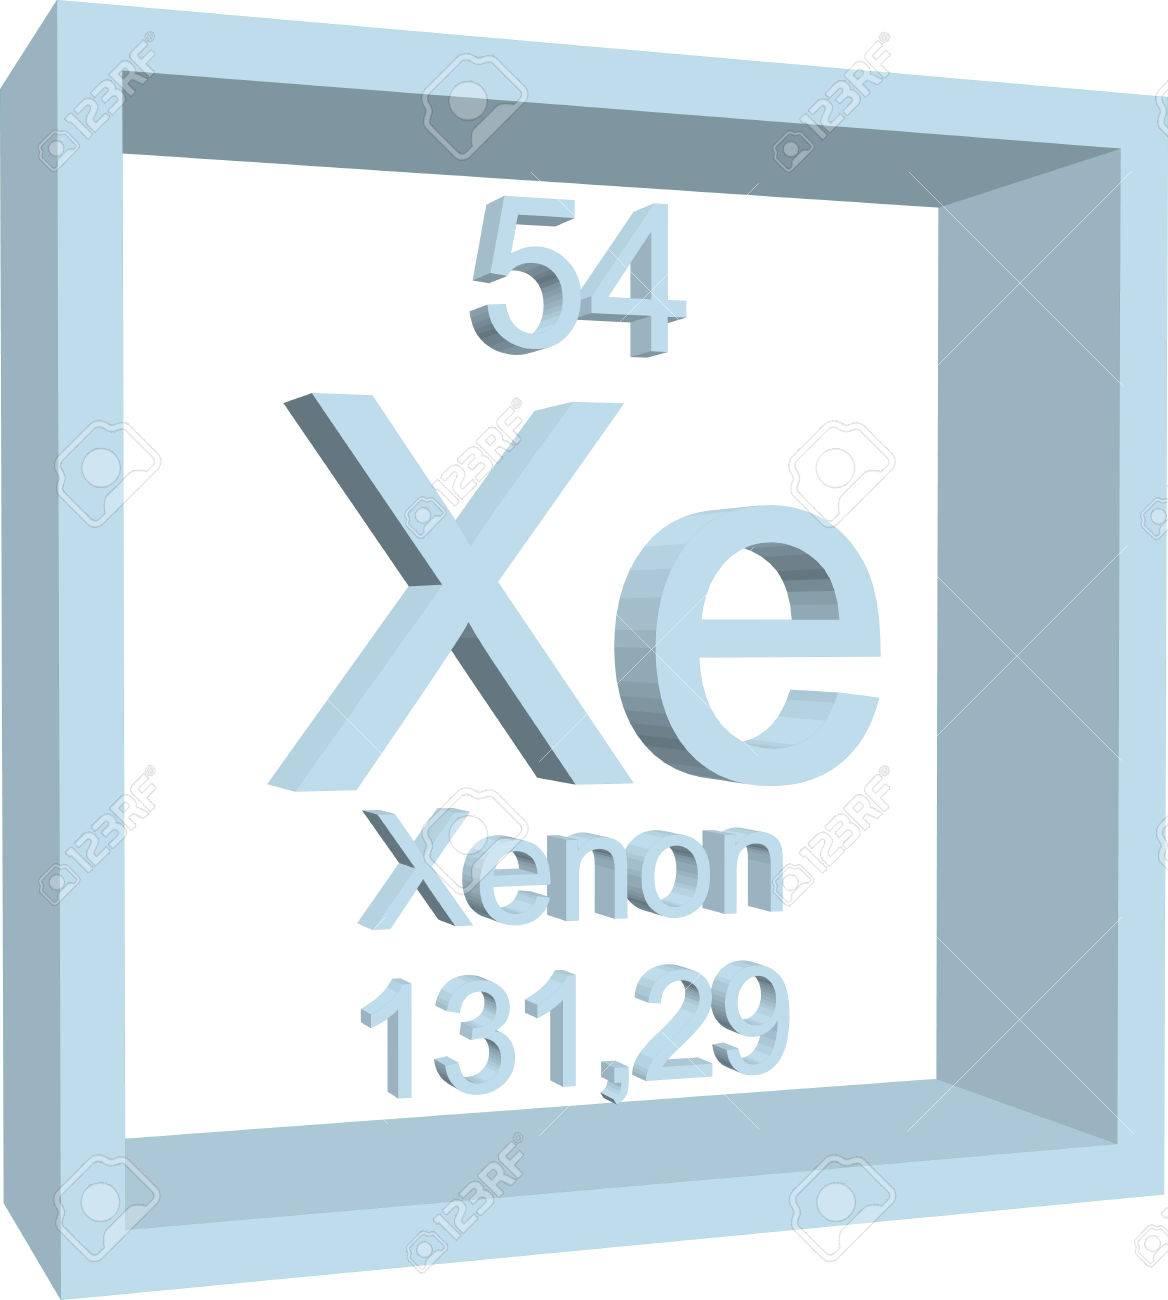 Tabla peridica de los elementos xenon ilustraciones vectoriales foto de archivo tabla peridica de los elementos xenon urtaz Choice Image